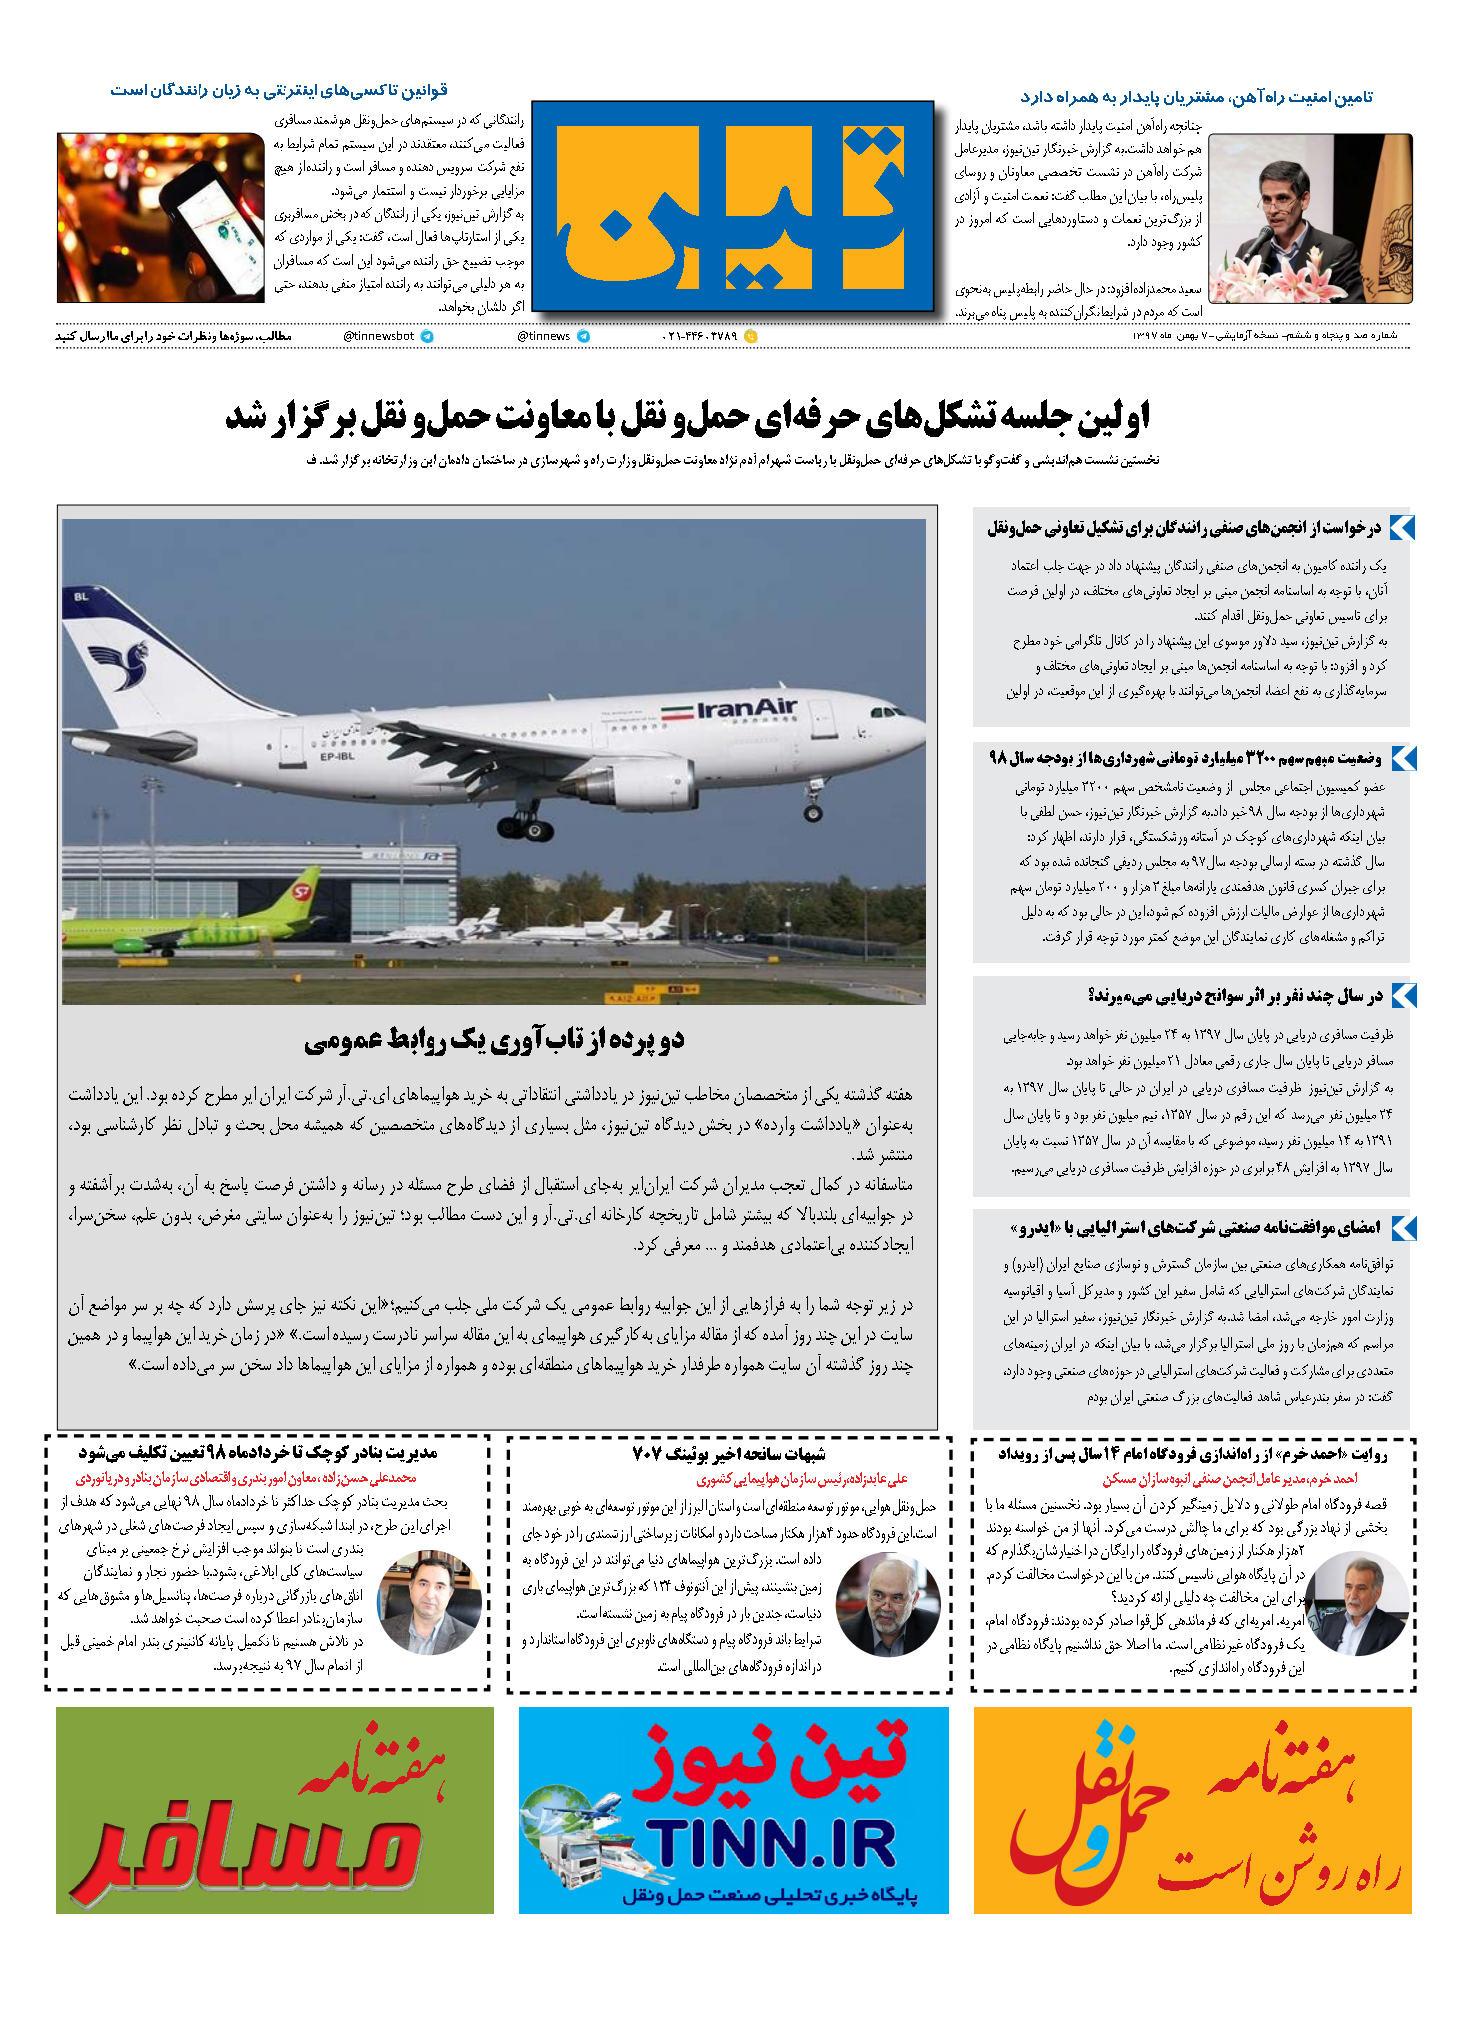 روزنامه الکترونیک 7 بهمن ماه 97